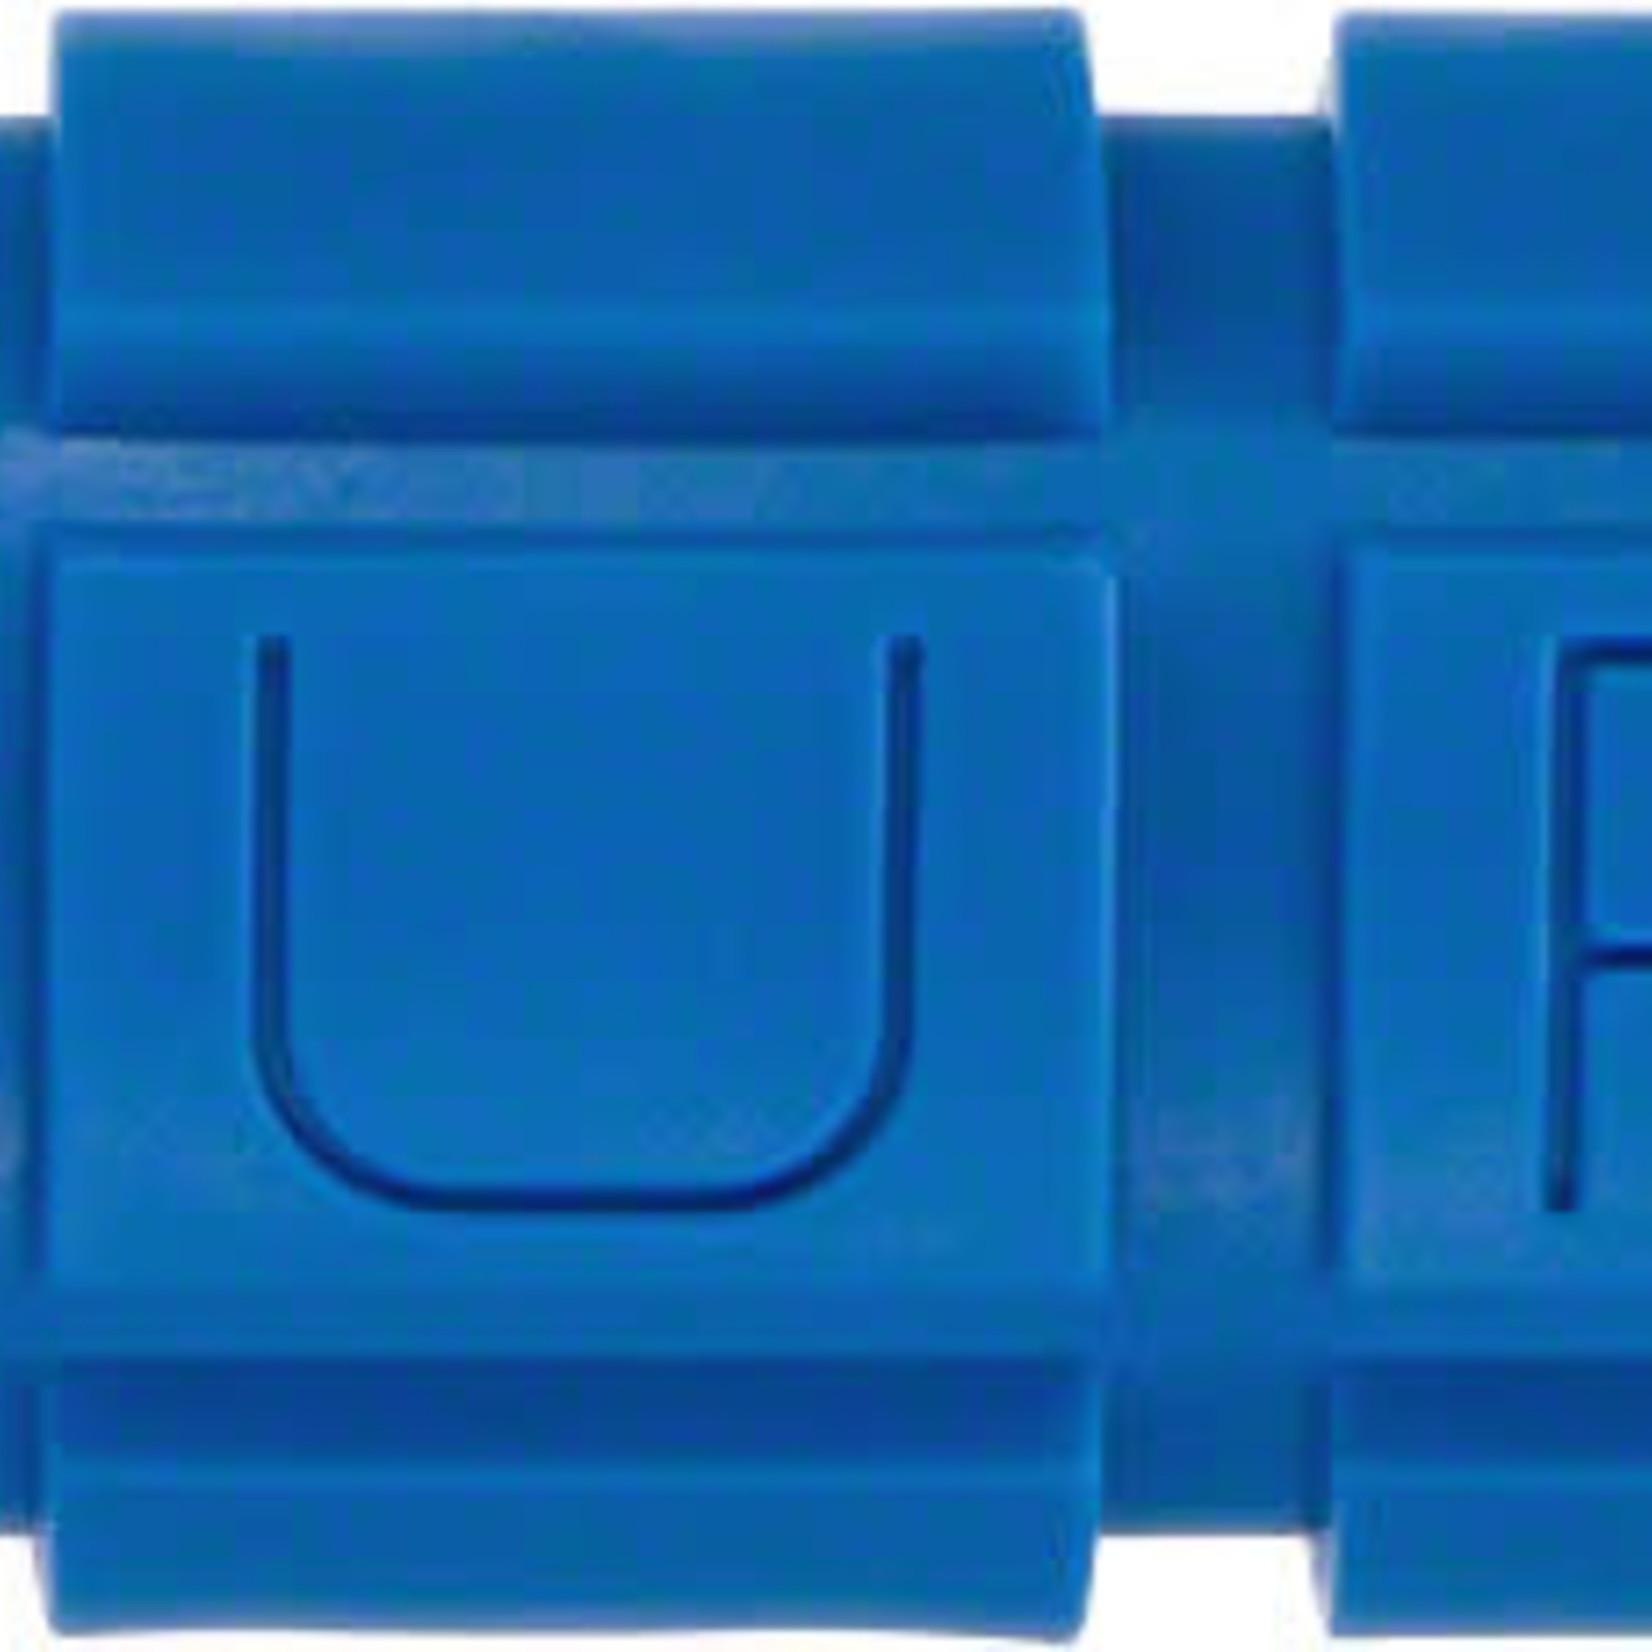 Oury Lock-On Bonus Pack Grips - Blue, Lock-On